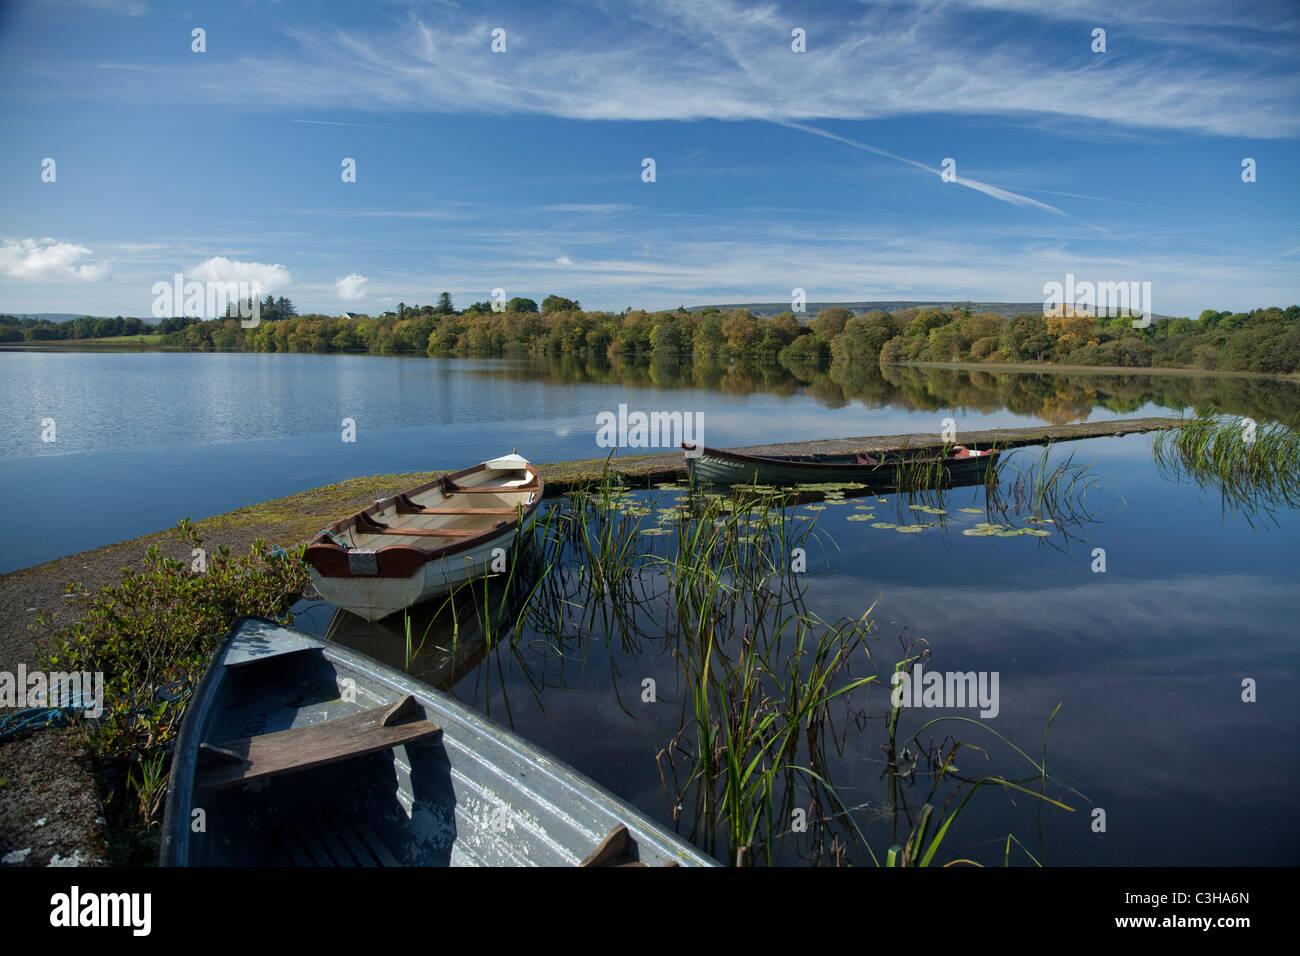 Fishing boats in Lough Arrow, County Sligo, Ireland. - Stock Image